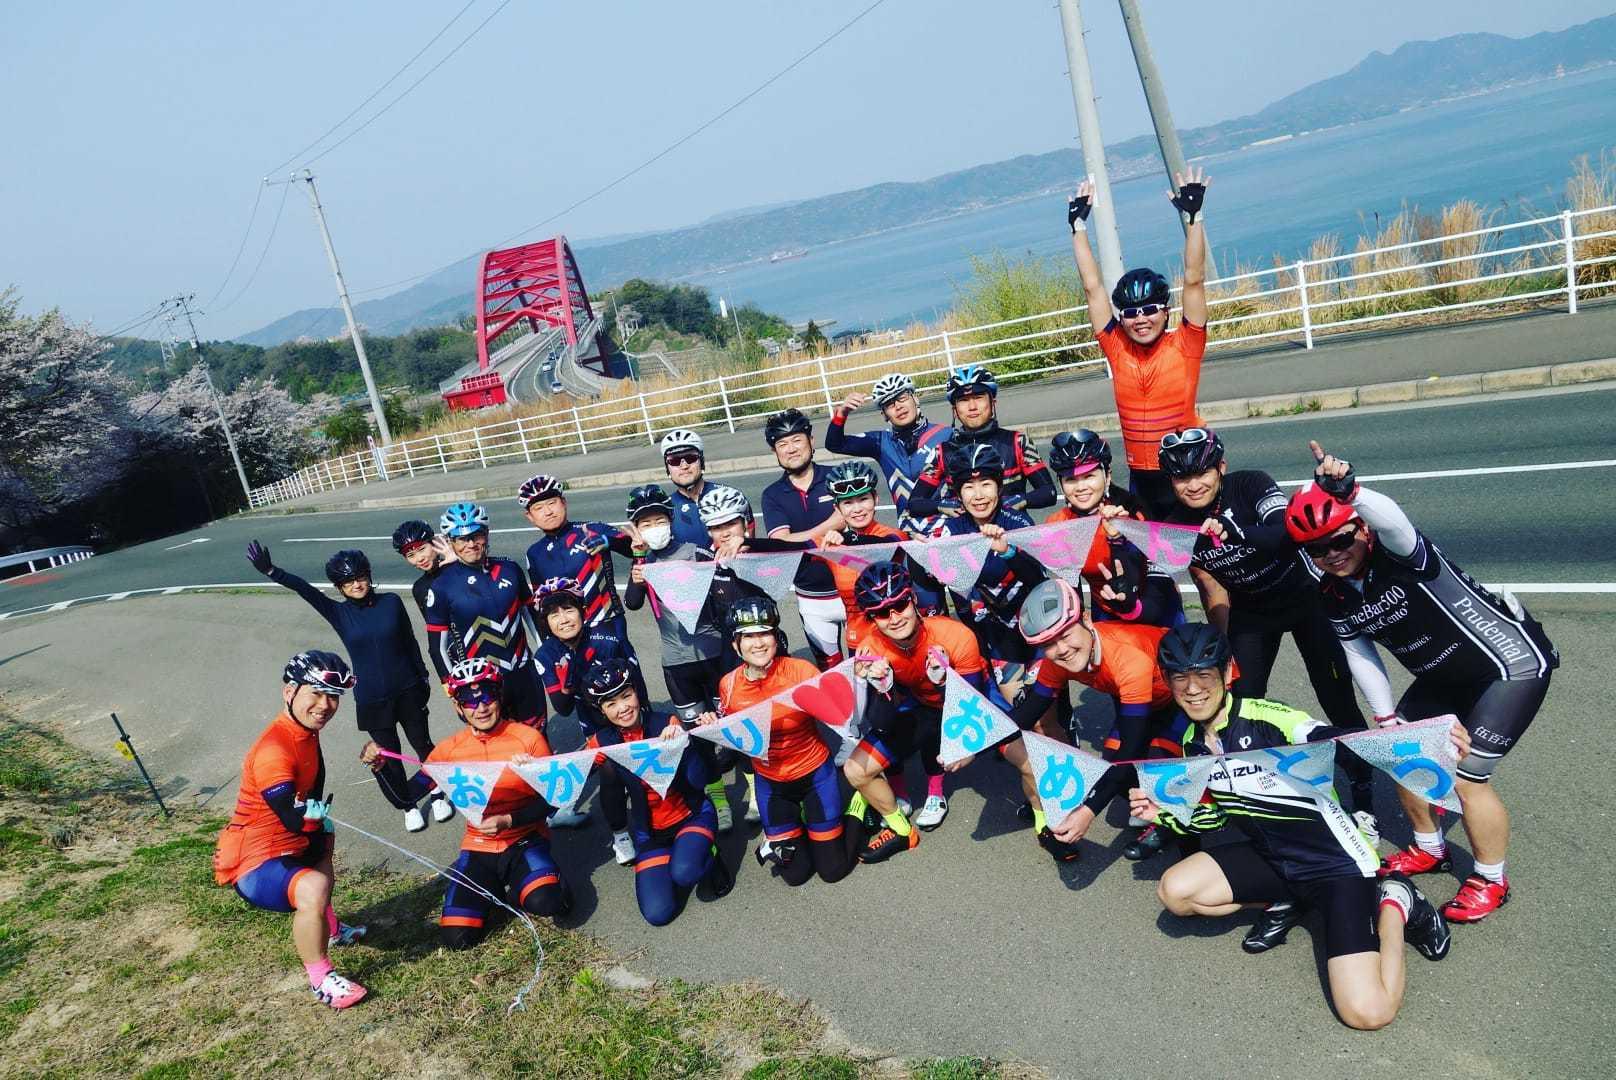 4月1日(日)開催「voyAge cycling \'ride krhsh slow\' 162」の日記_c0351373_08480468.jpg